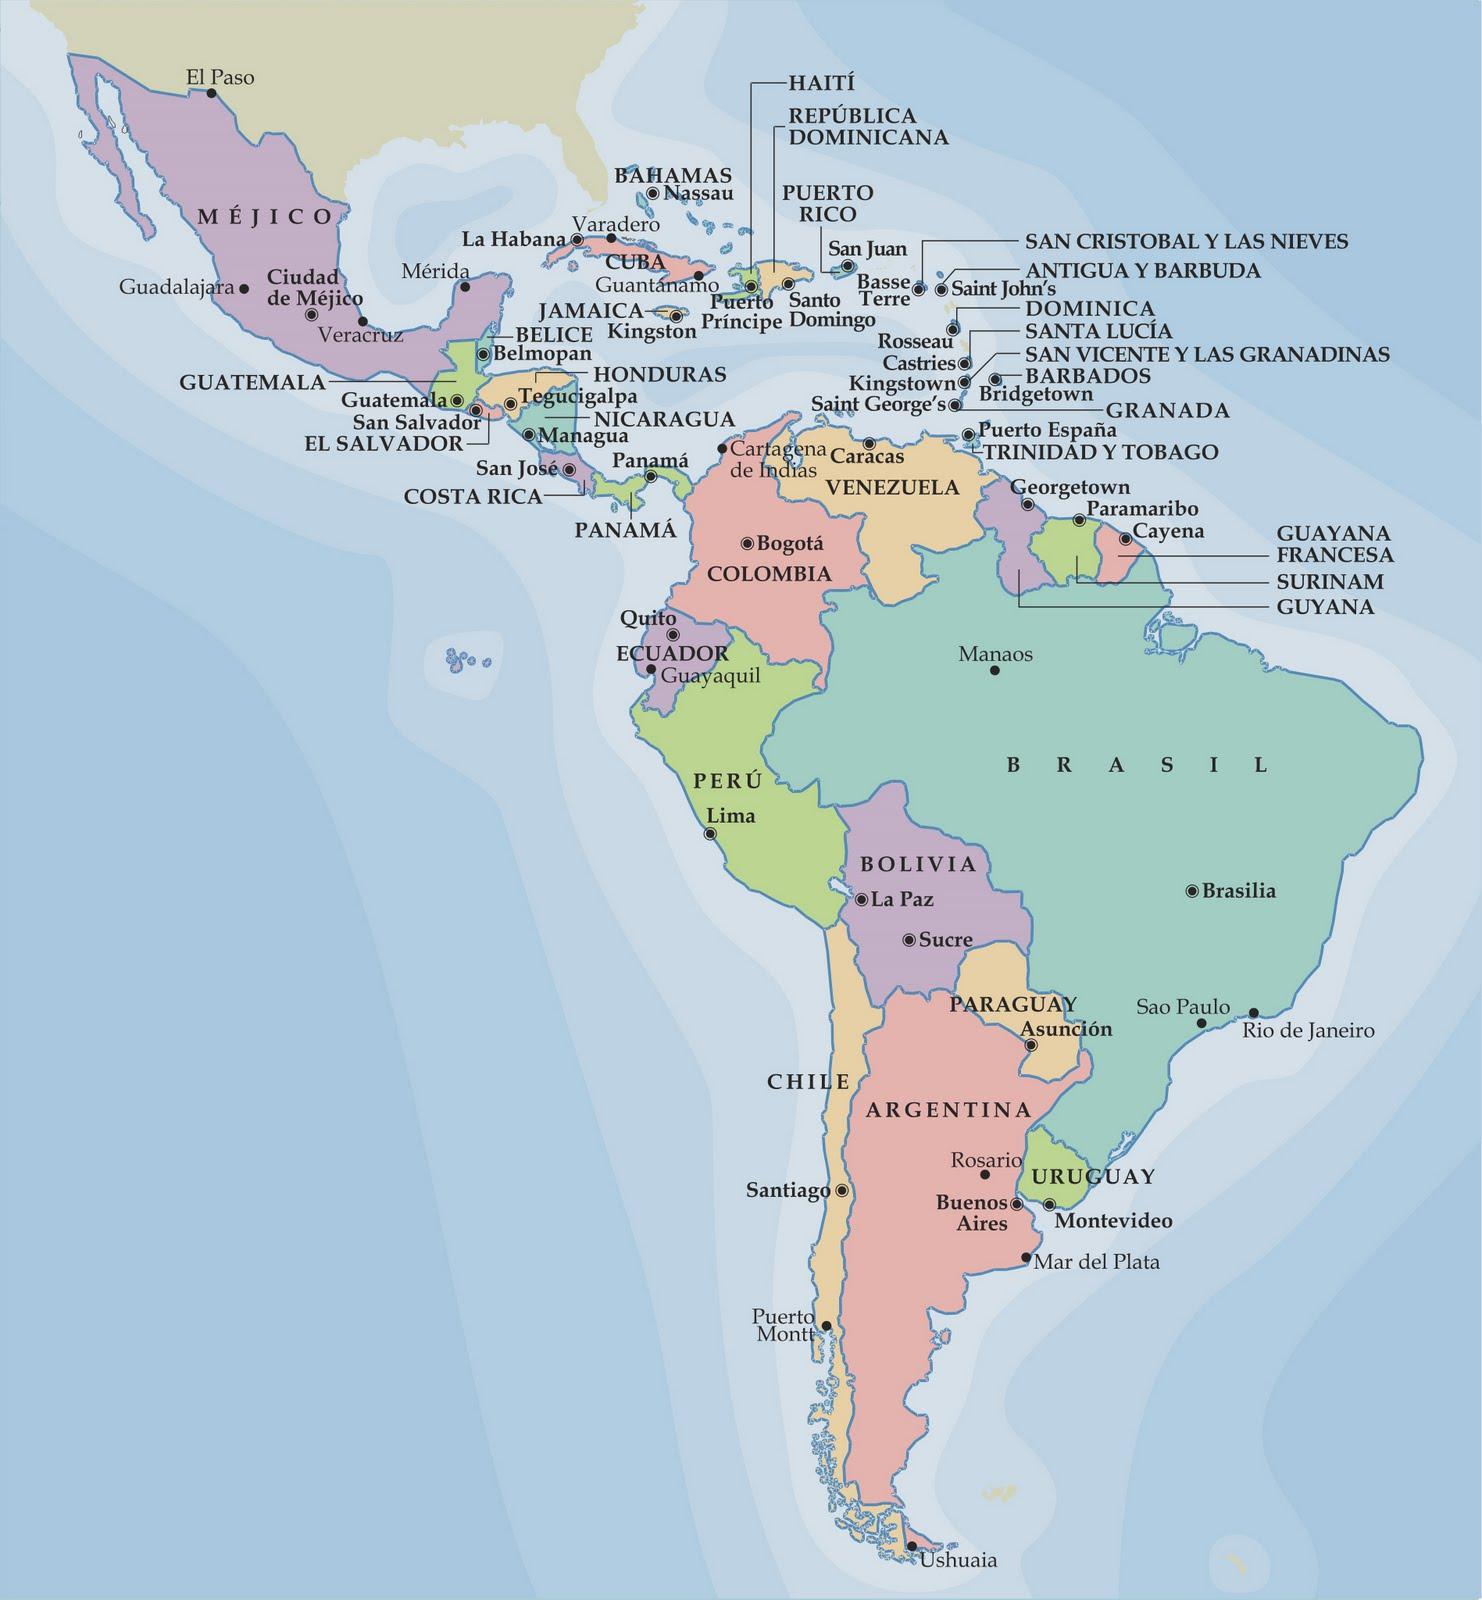 Mapa Interactivo America Capitales.Kappo Sfera Mapa Interactivo De America